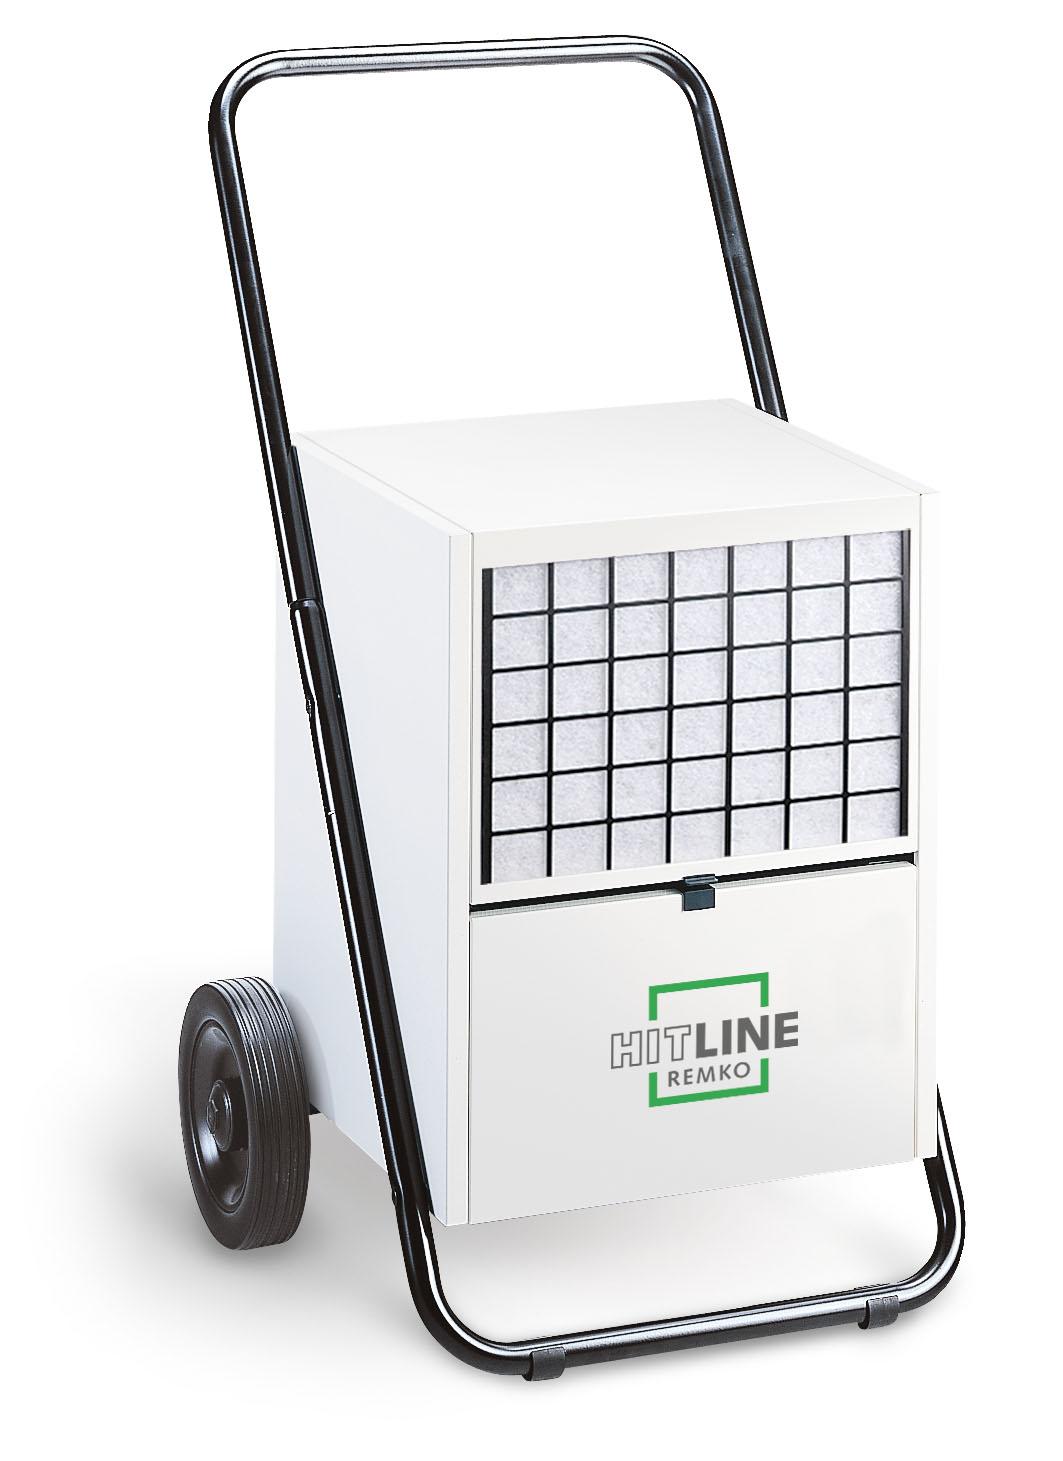 REMKO SERIE ETF 500-600 ECO - Leistungstarker Luftentfeuchter in robuster Ausführung